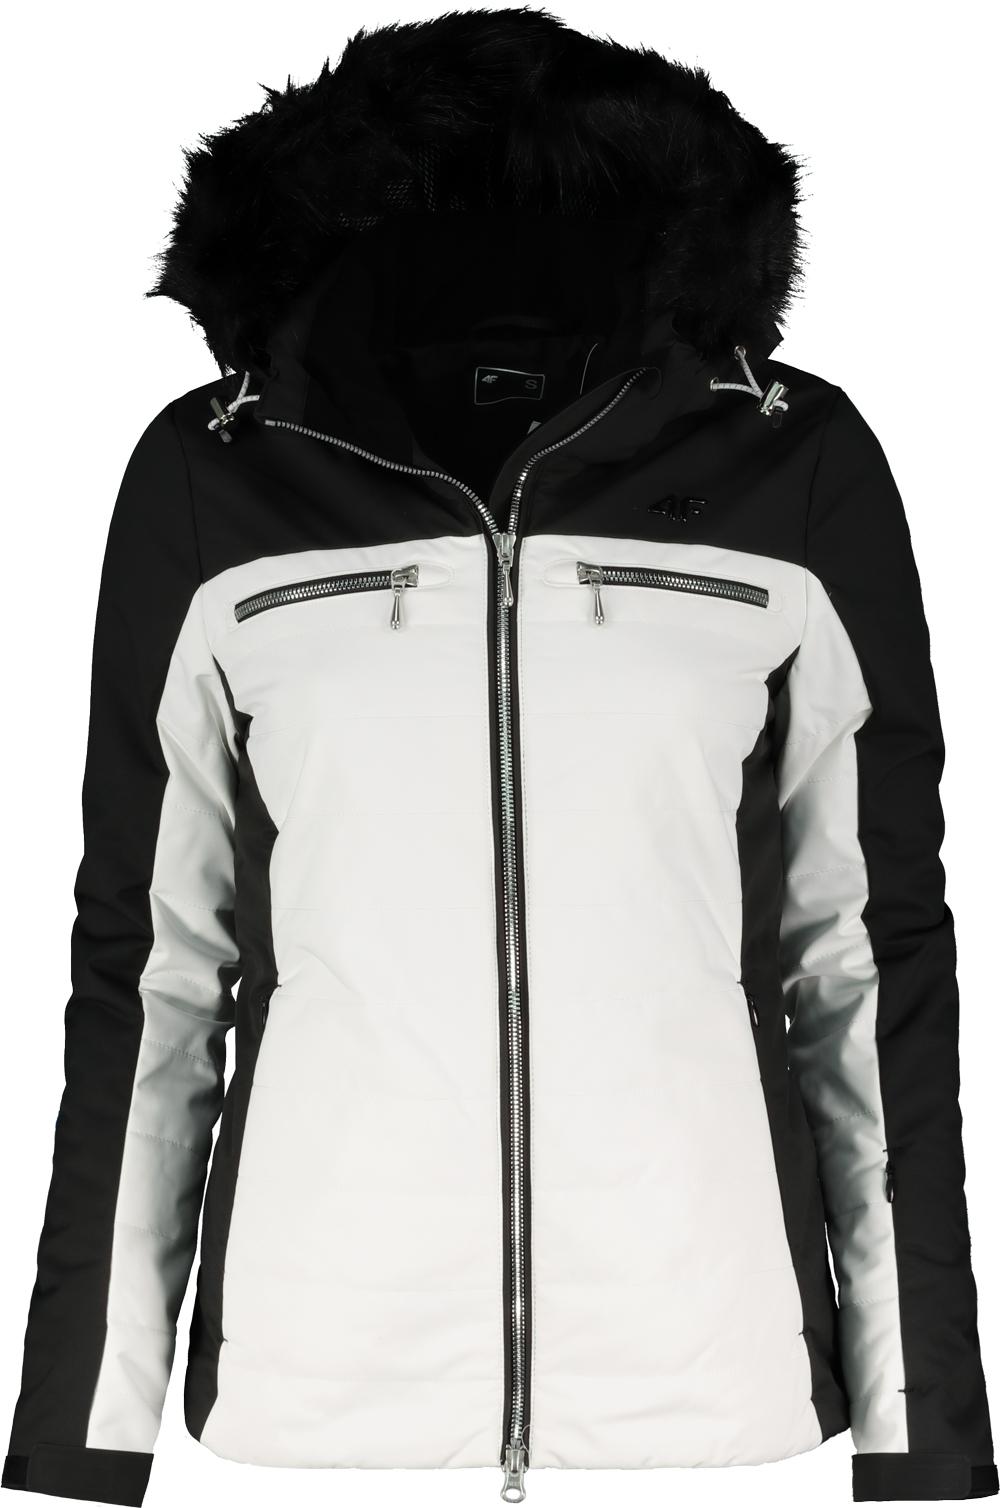 663186ede Bunda lyžiarska dámska 4F KUDN151 WHITE - Glami.sk